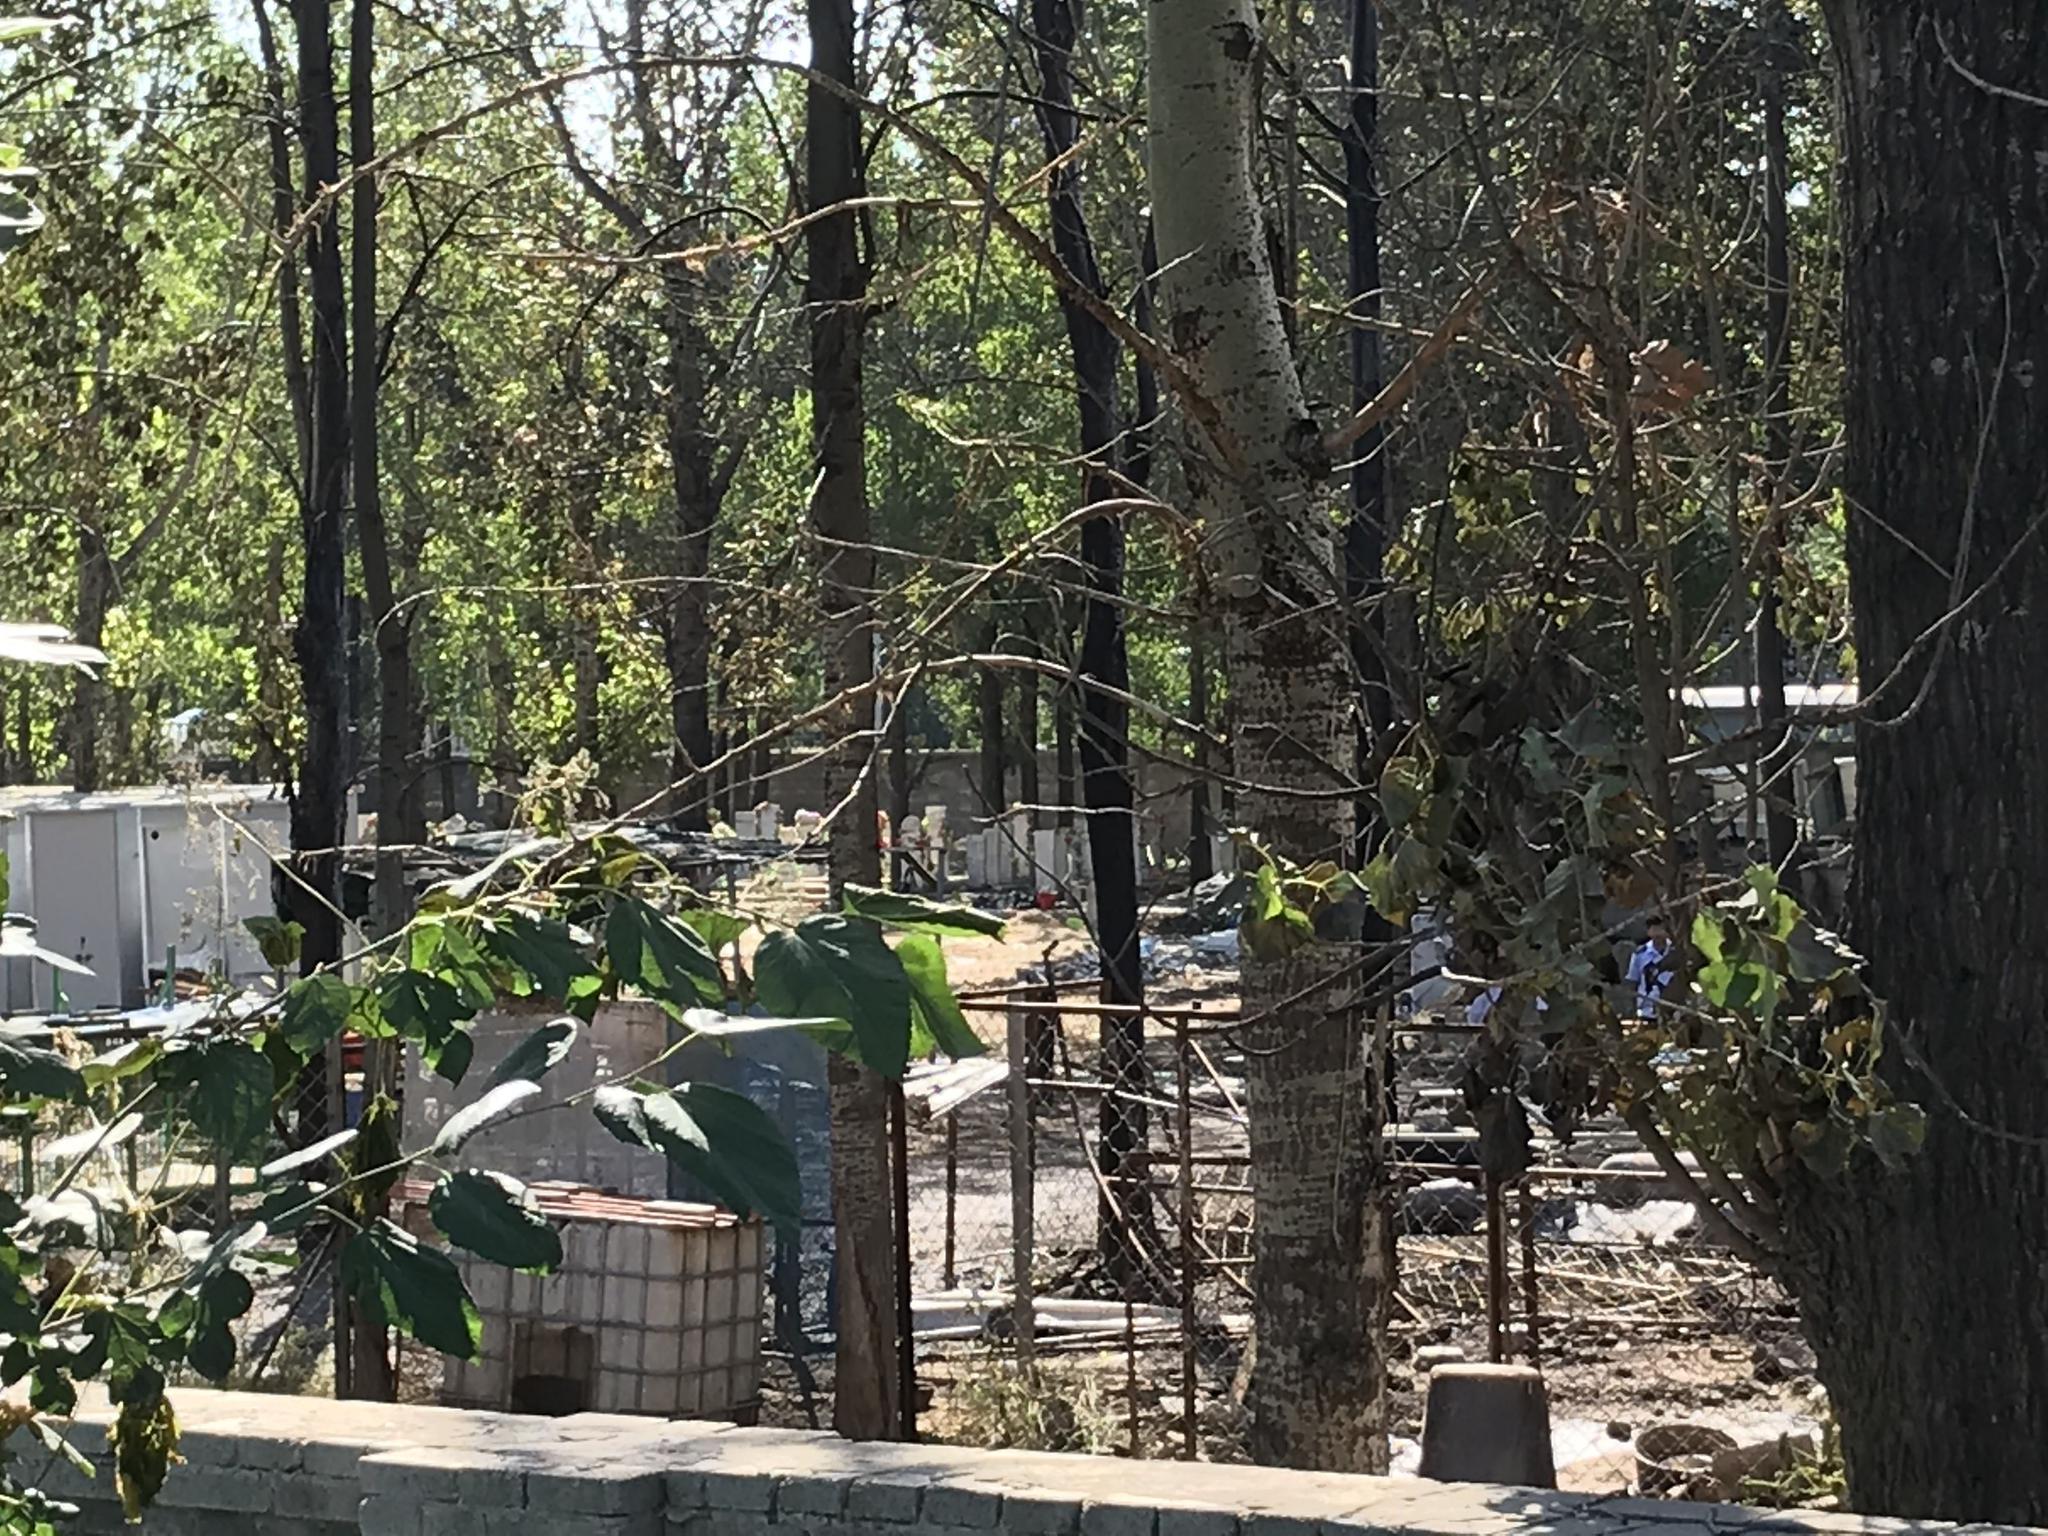 9月19日上午,事故现场多数液化气罐已被转移,部分树木被烧焦。新京报记者 张惠兰 摄